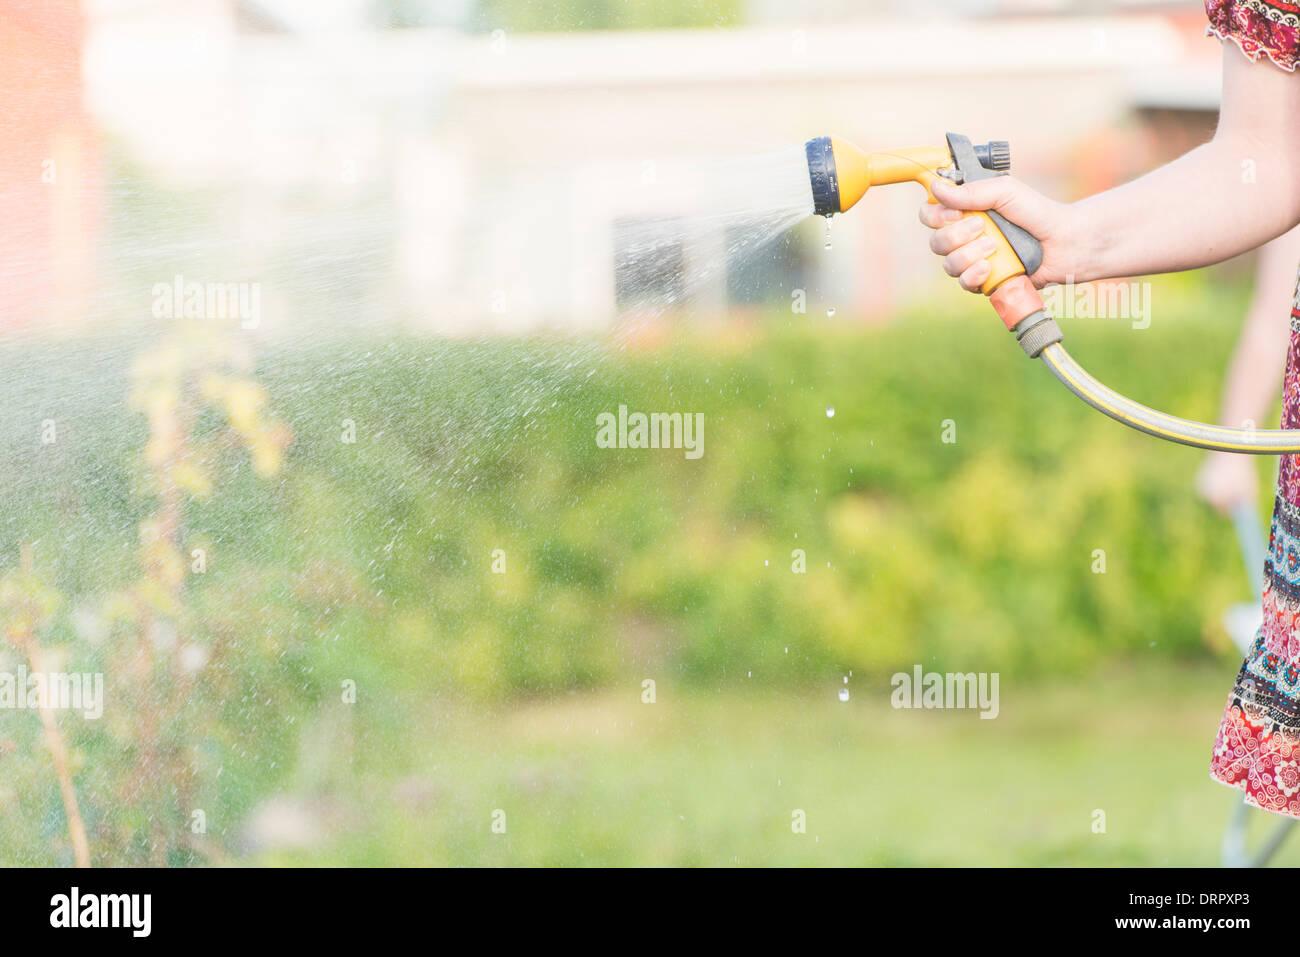 Lifestyle Sommer-Szene. Frau mit Sprinkler Garten Pflanzen gießen. Stockbild